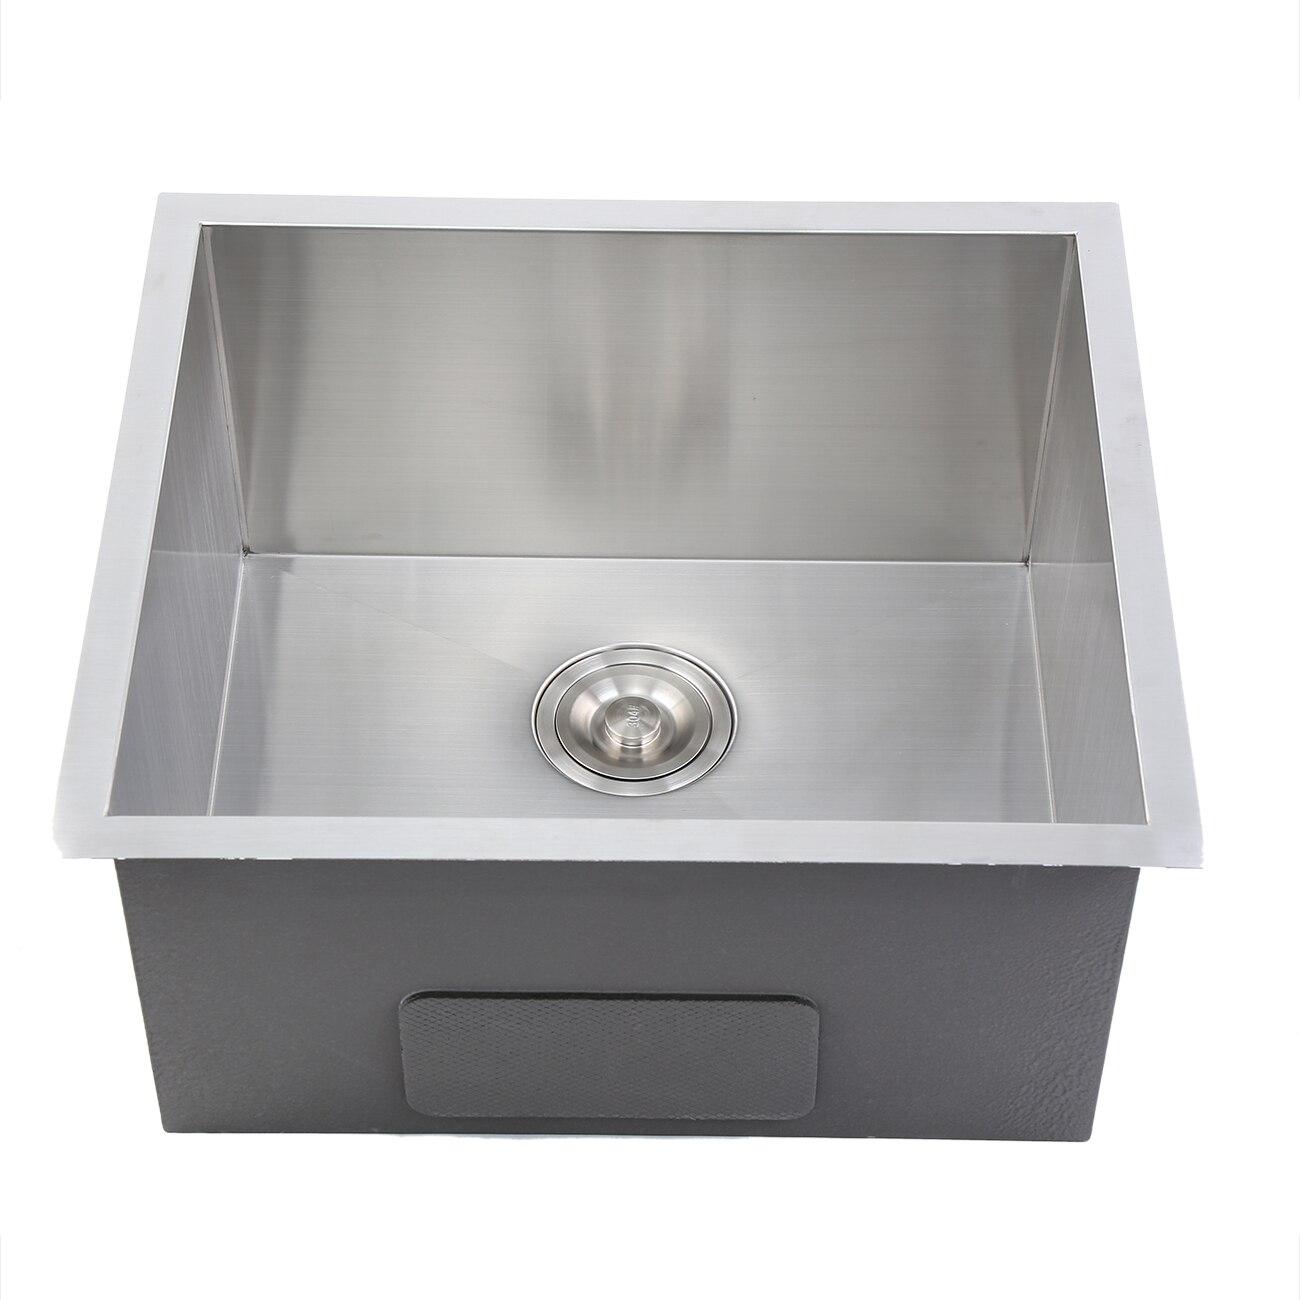 51x45x26 cm encart en acier inoxydable carré évier de cuisine unique encart/Topmount - 3